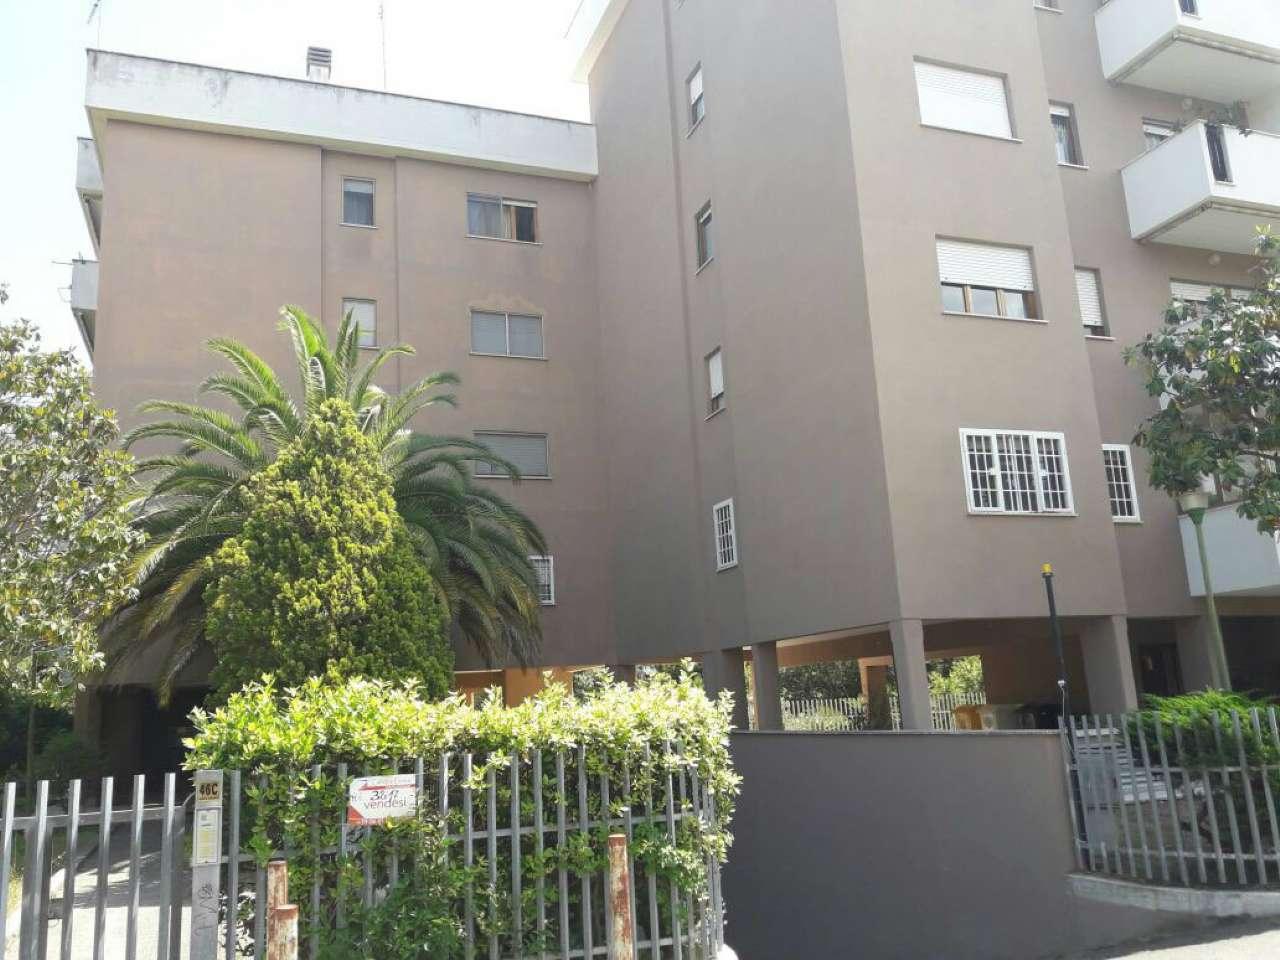 Appartamento in vendita a Pomezia, 3 locali, prezzo € 200.000 | Cambio Casa.it